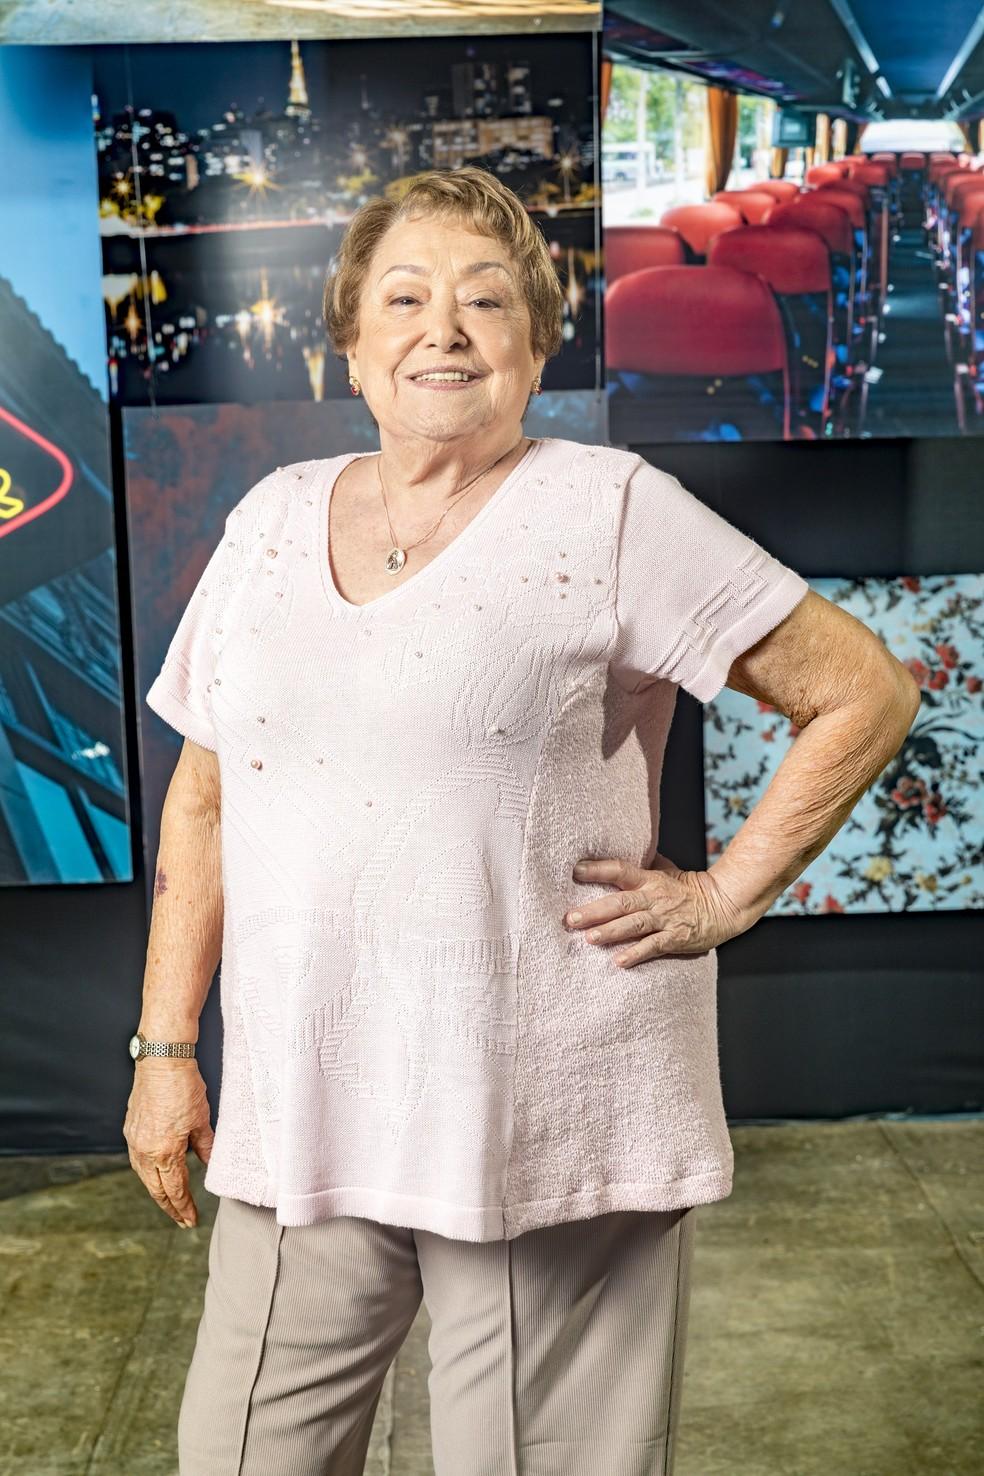 Suely Fraco como Marlene, a grande amiga que acolhe Maria da Paz (Juliana Paes), em 'A Dona do Pedaço' — Foto: João Miguel Junior/Globo